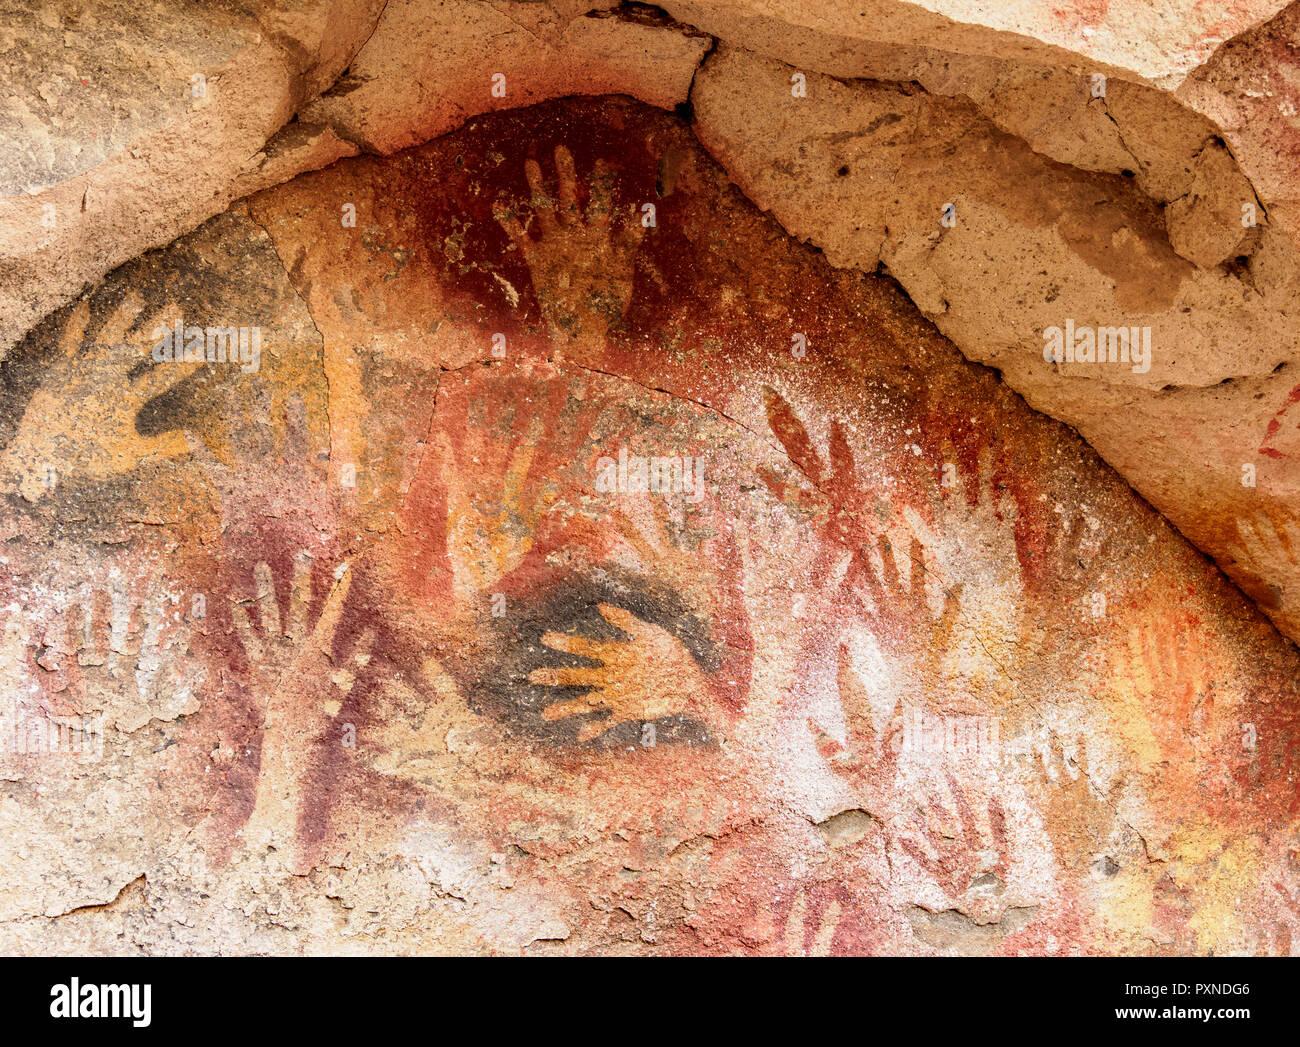 Cueva de las Manos, UNESCO World Heritage Site, Rio Pinturas Canyon, Santa Cruz Province, Patagonia, Argentina - Stock Image